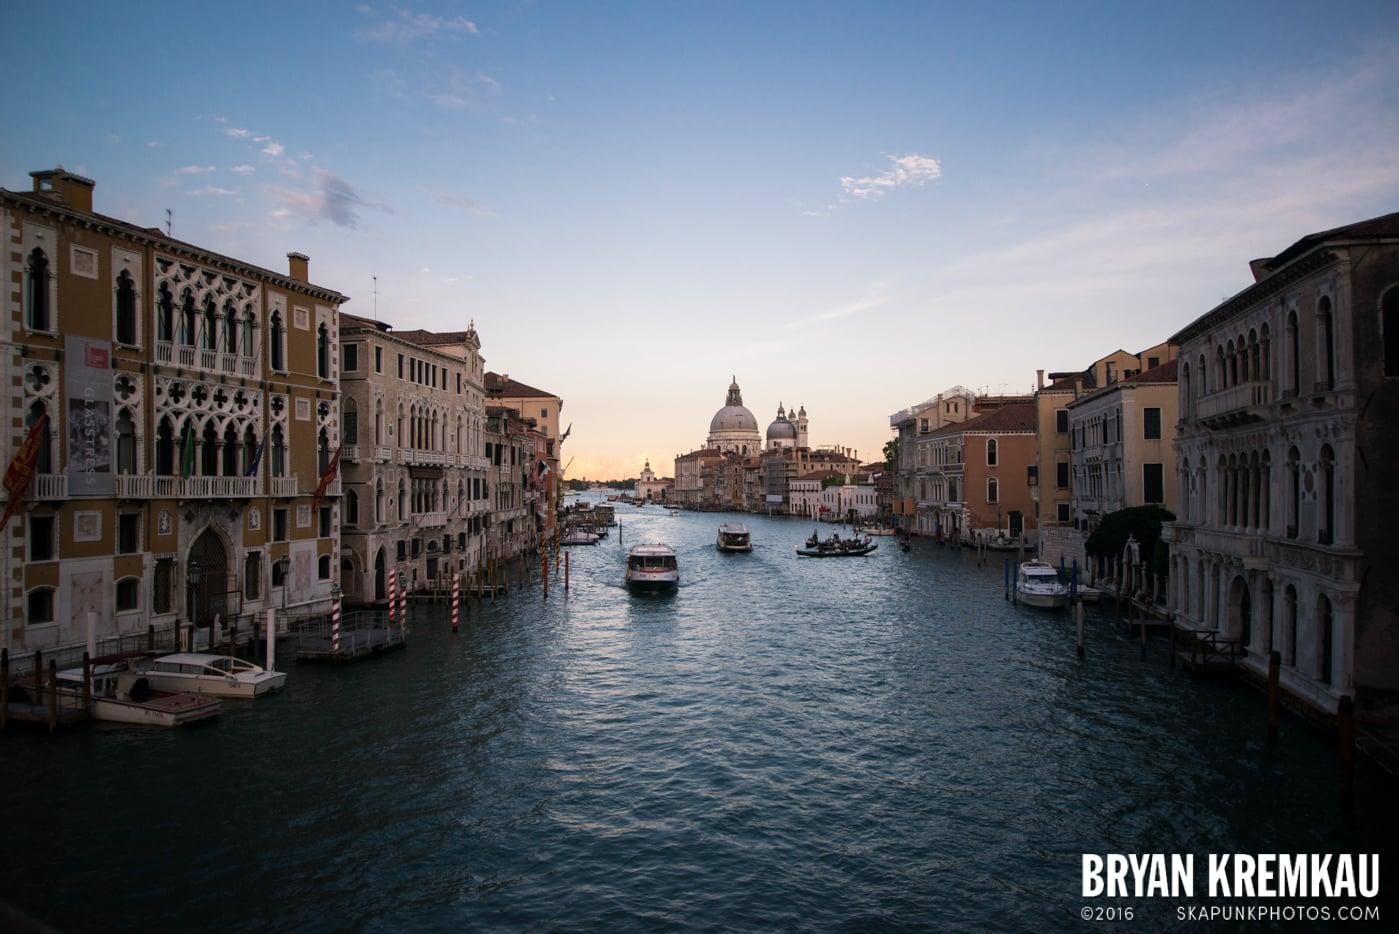 Italy Vacation - Day 4: Venice - 9.12.13 (5)